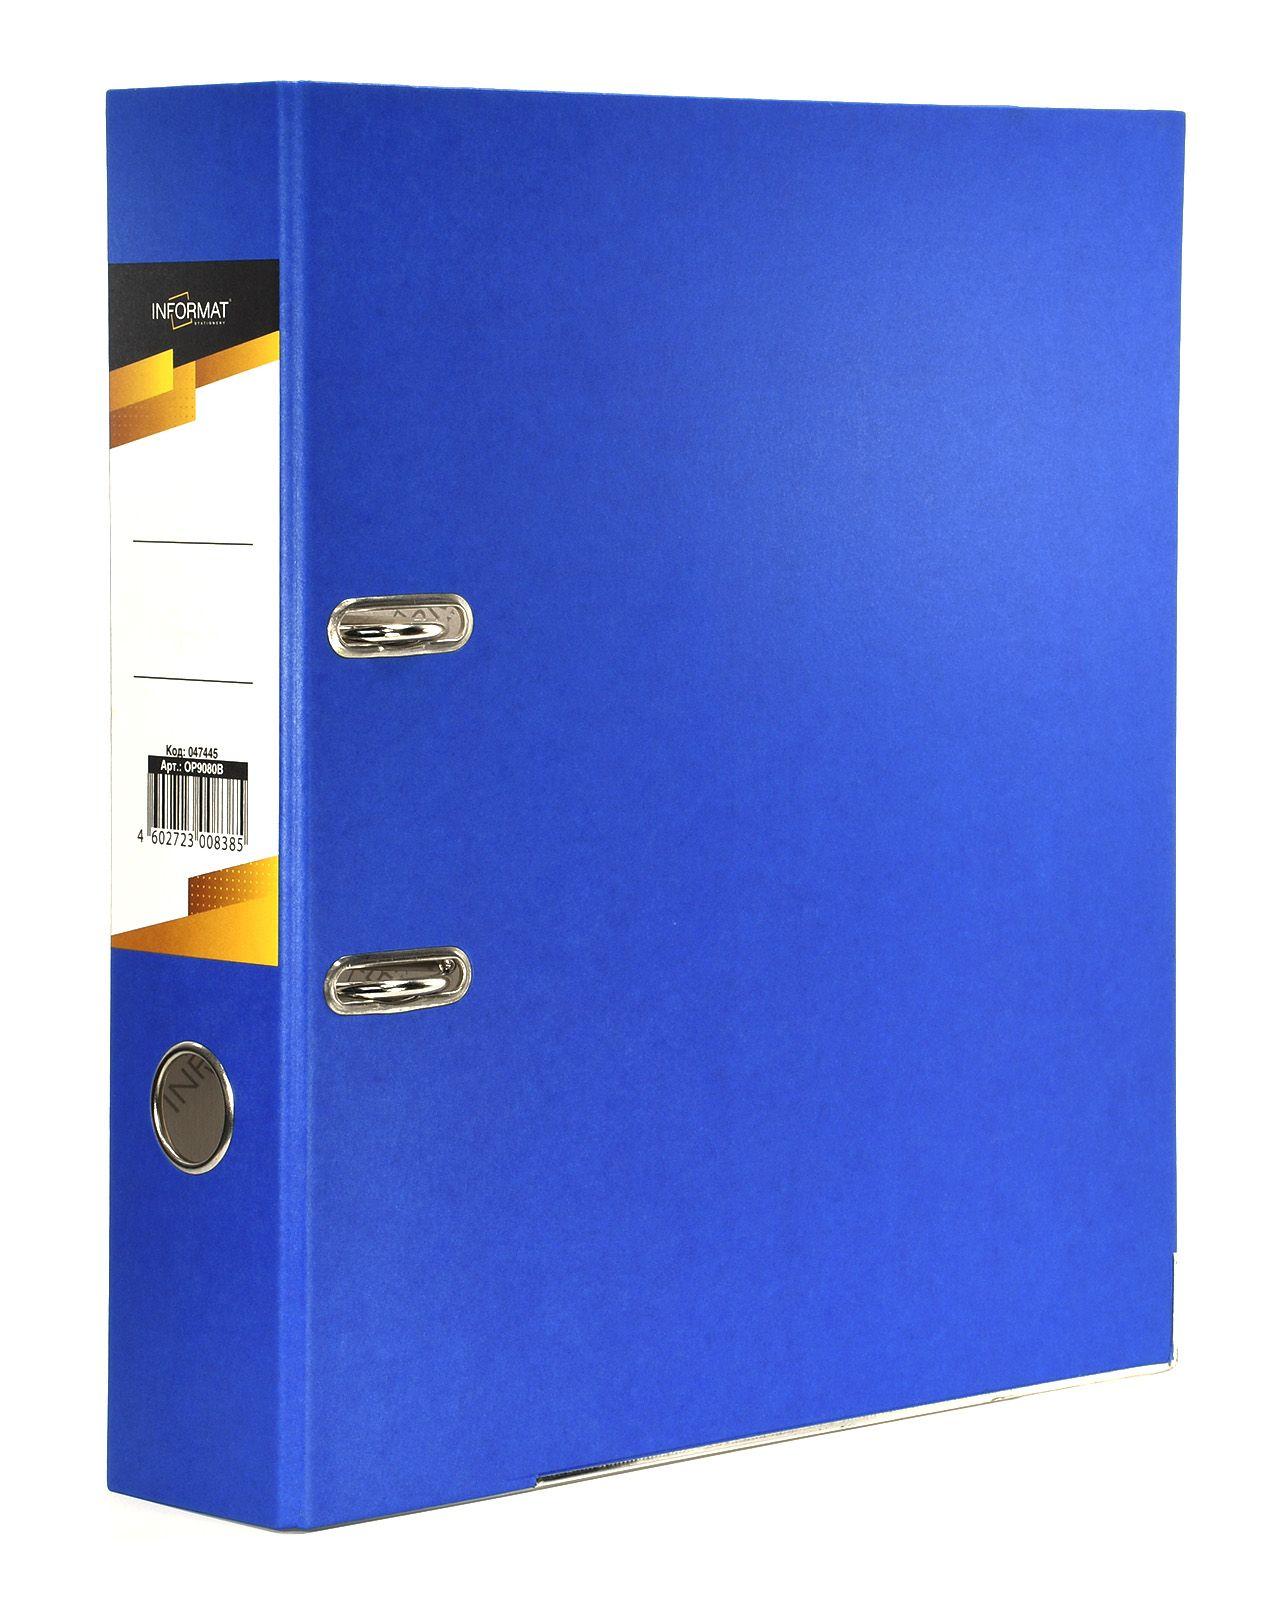 Папка-регистратор INFORMAT 75 мм бумага, синяя